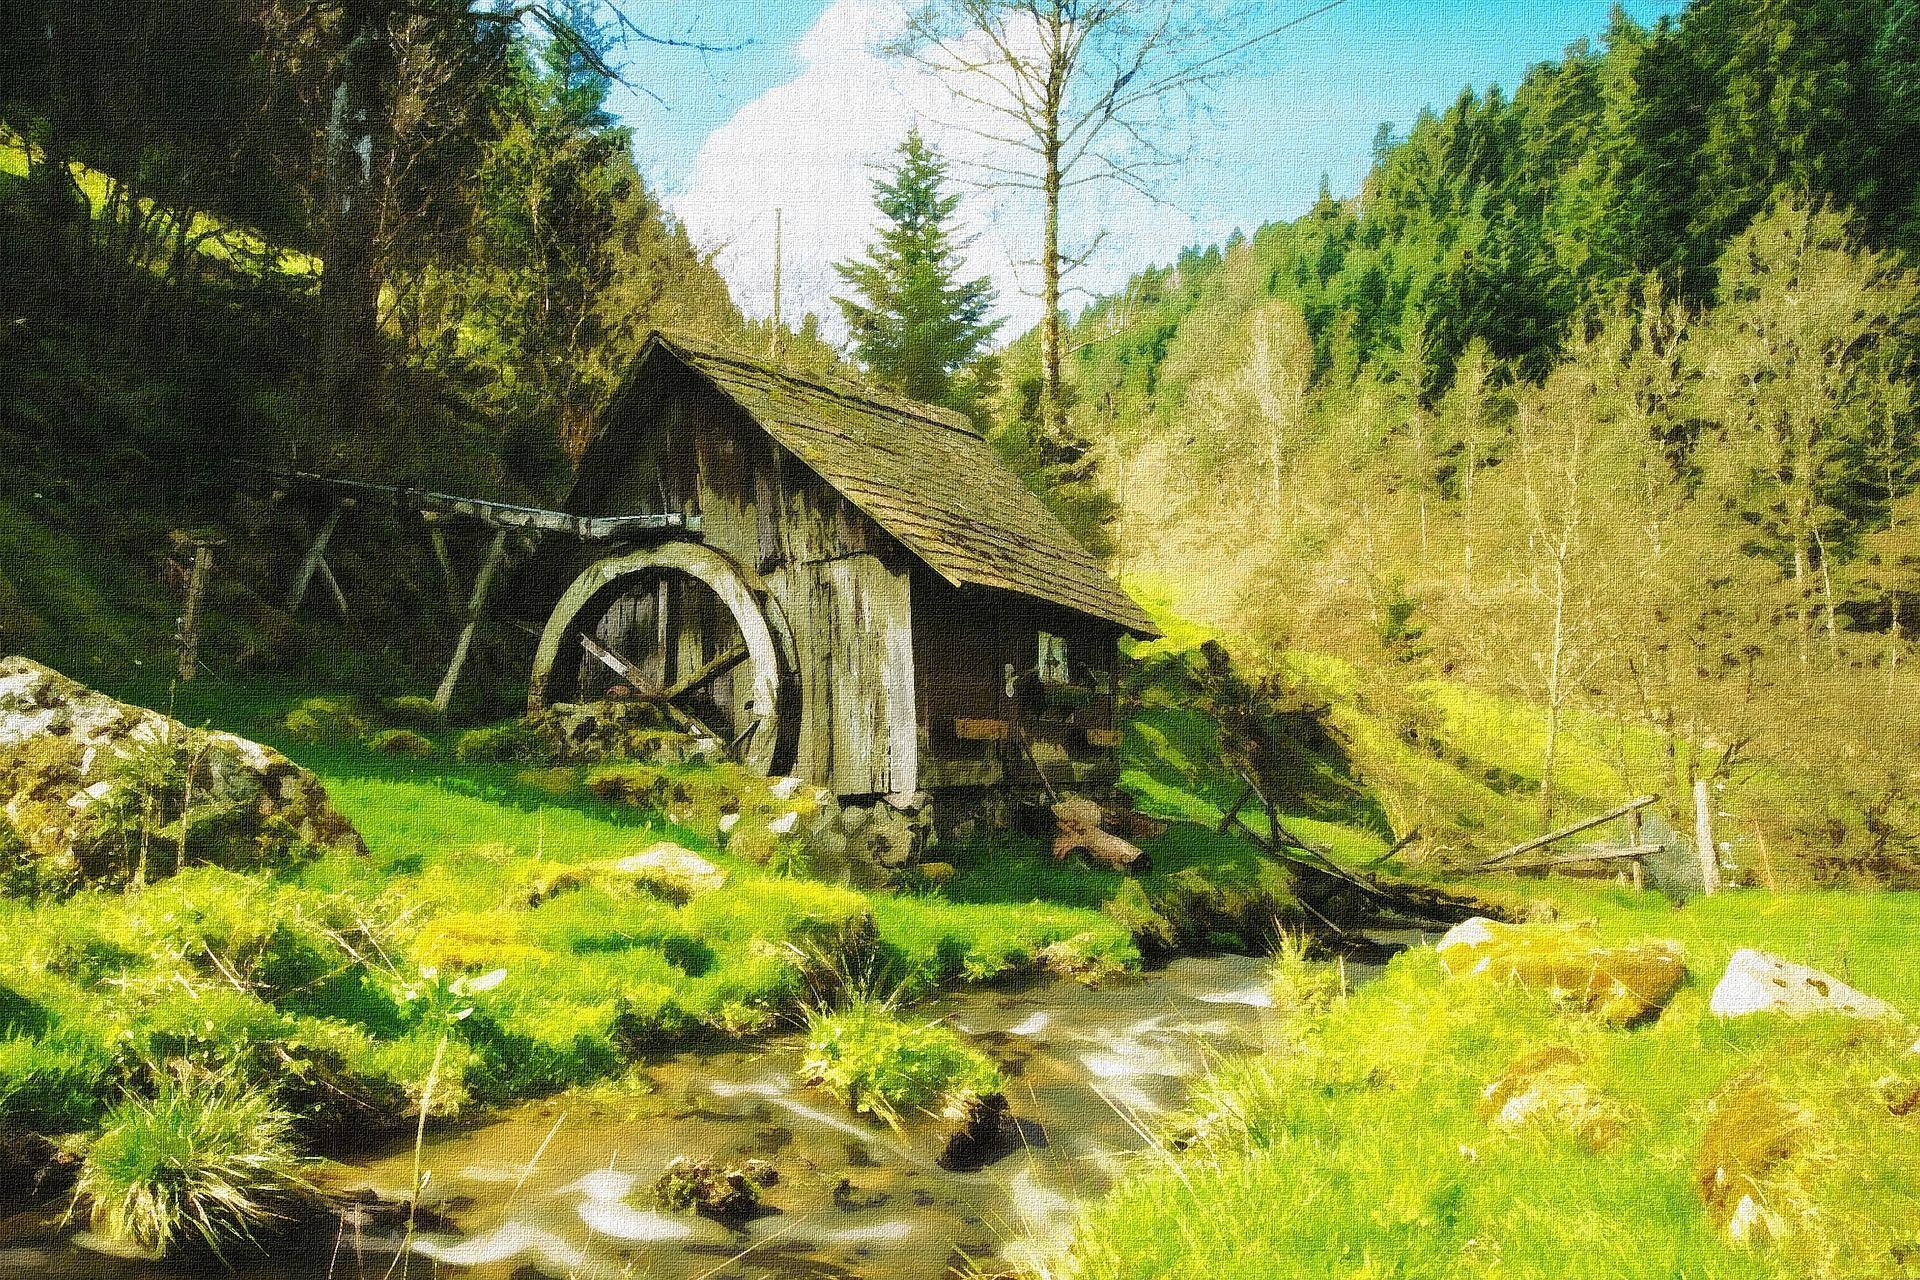 Urlaub in Deutschland, beliebter denn je